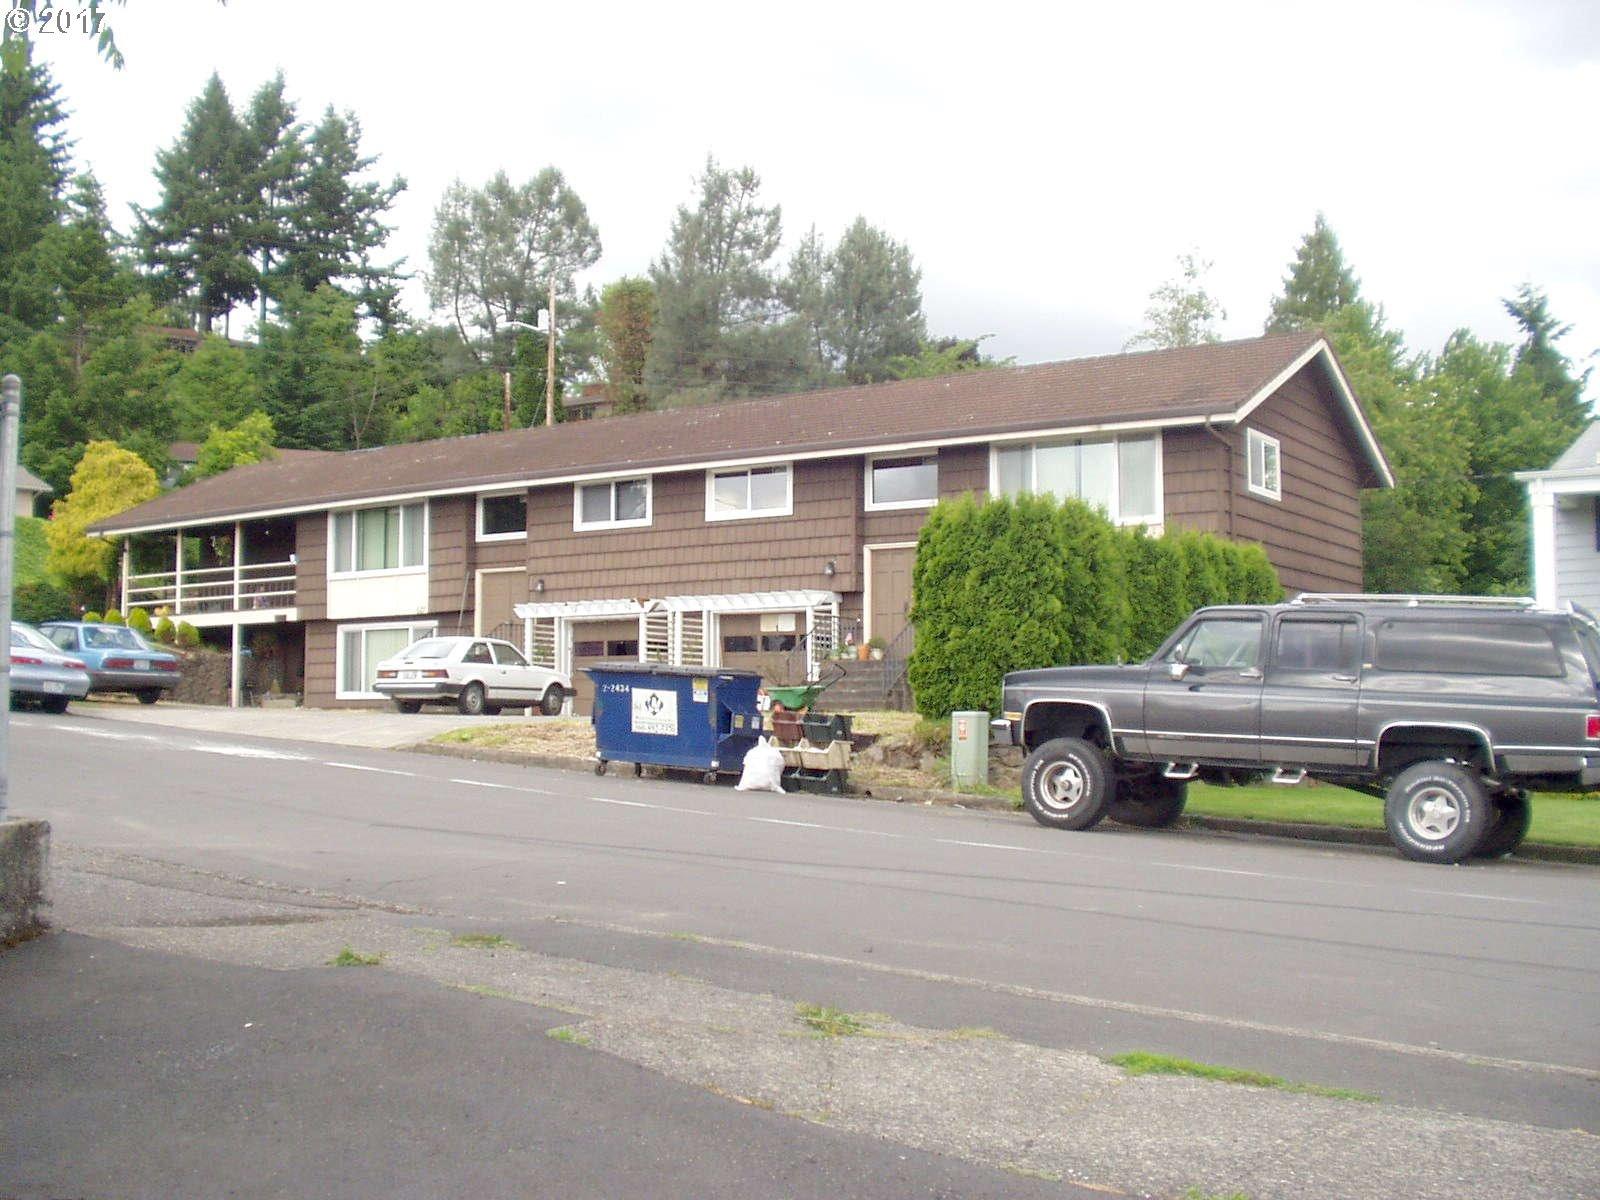 6215 NE 11TH AVE, Vancouver, WA 98665